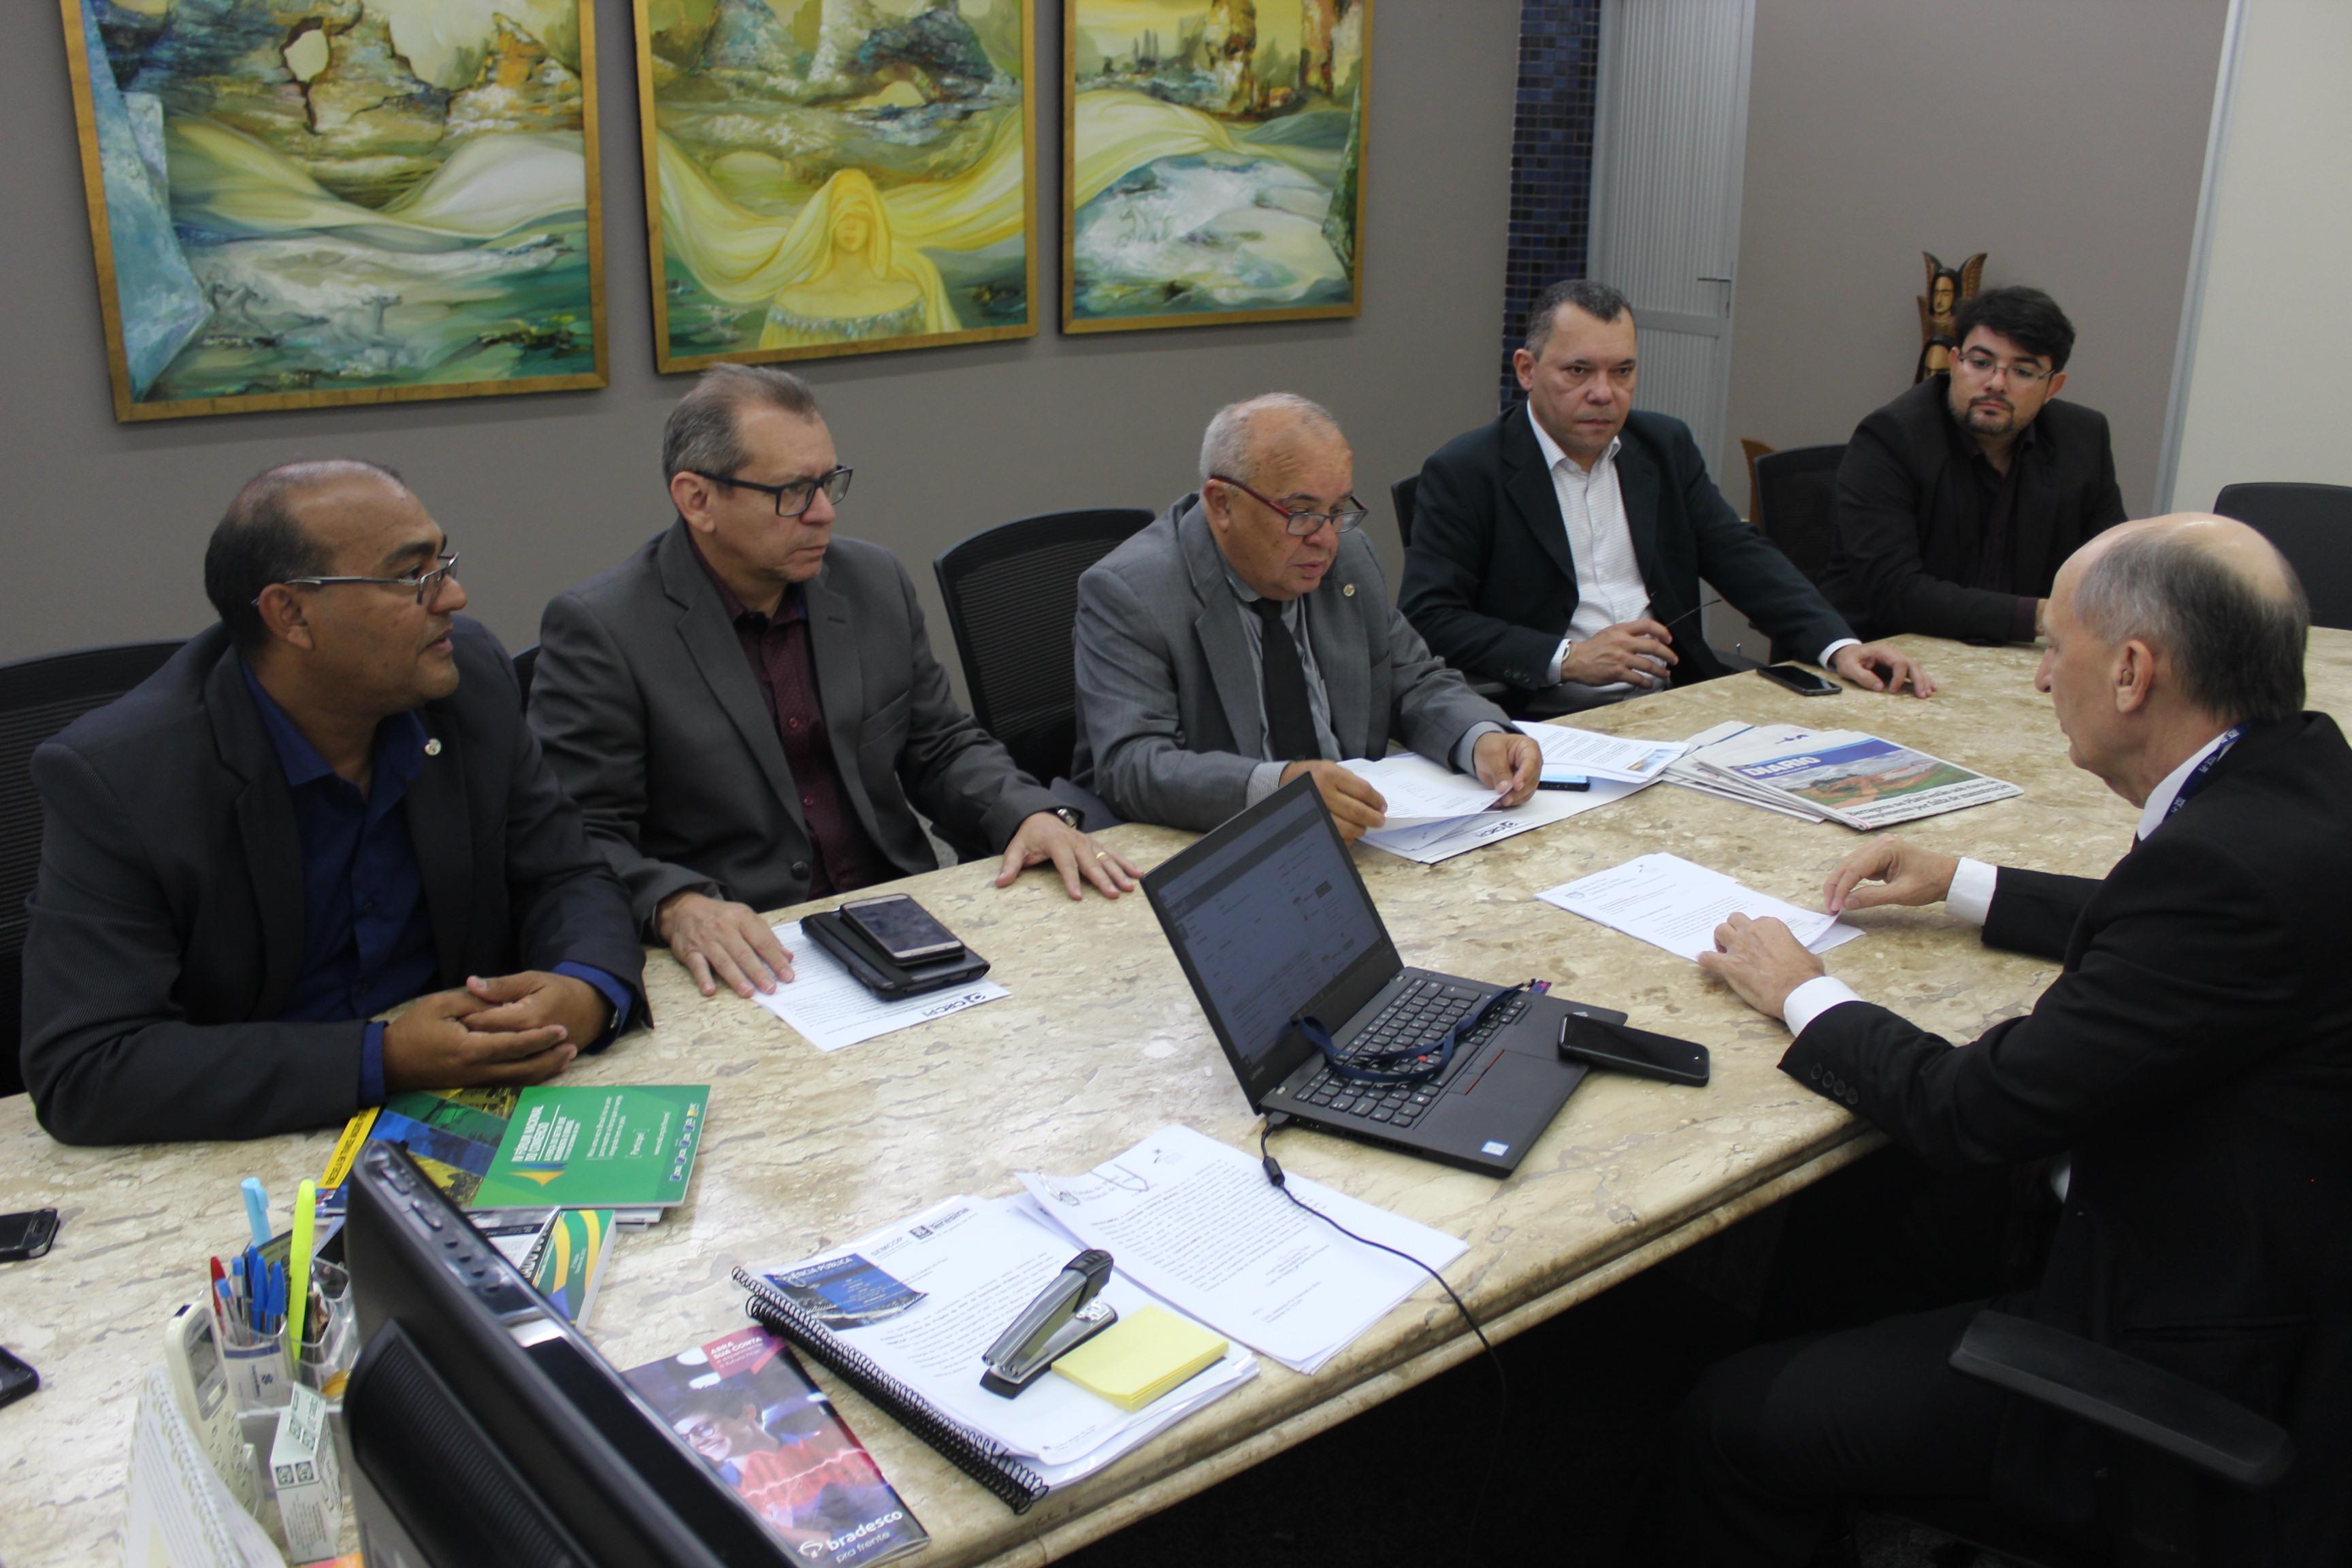 Representantes do CRC-PI fazem visita de cortesia e apresentam demandas contábeis ao presidente do TCE-PI